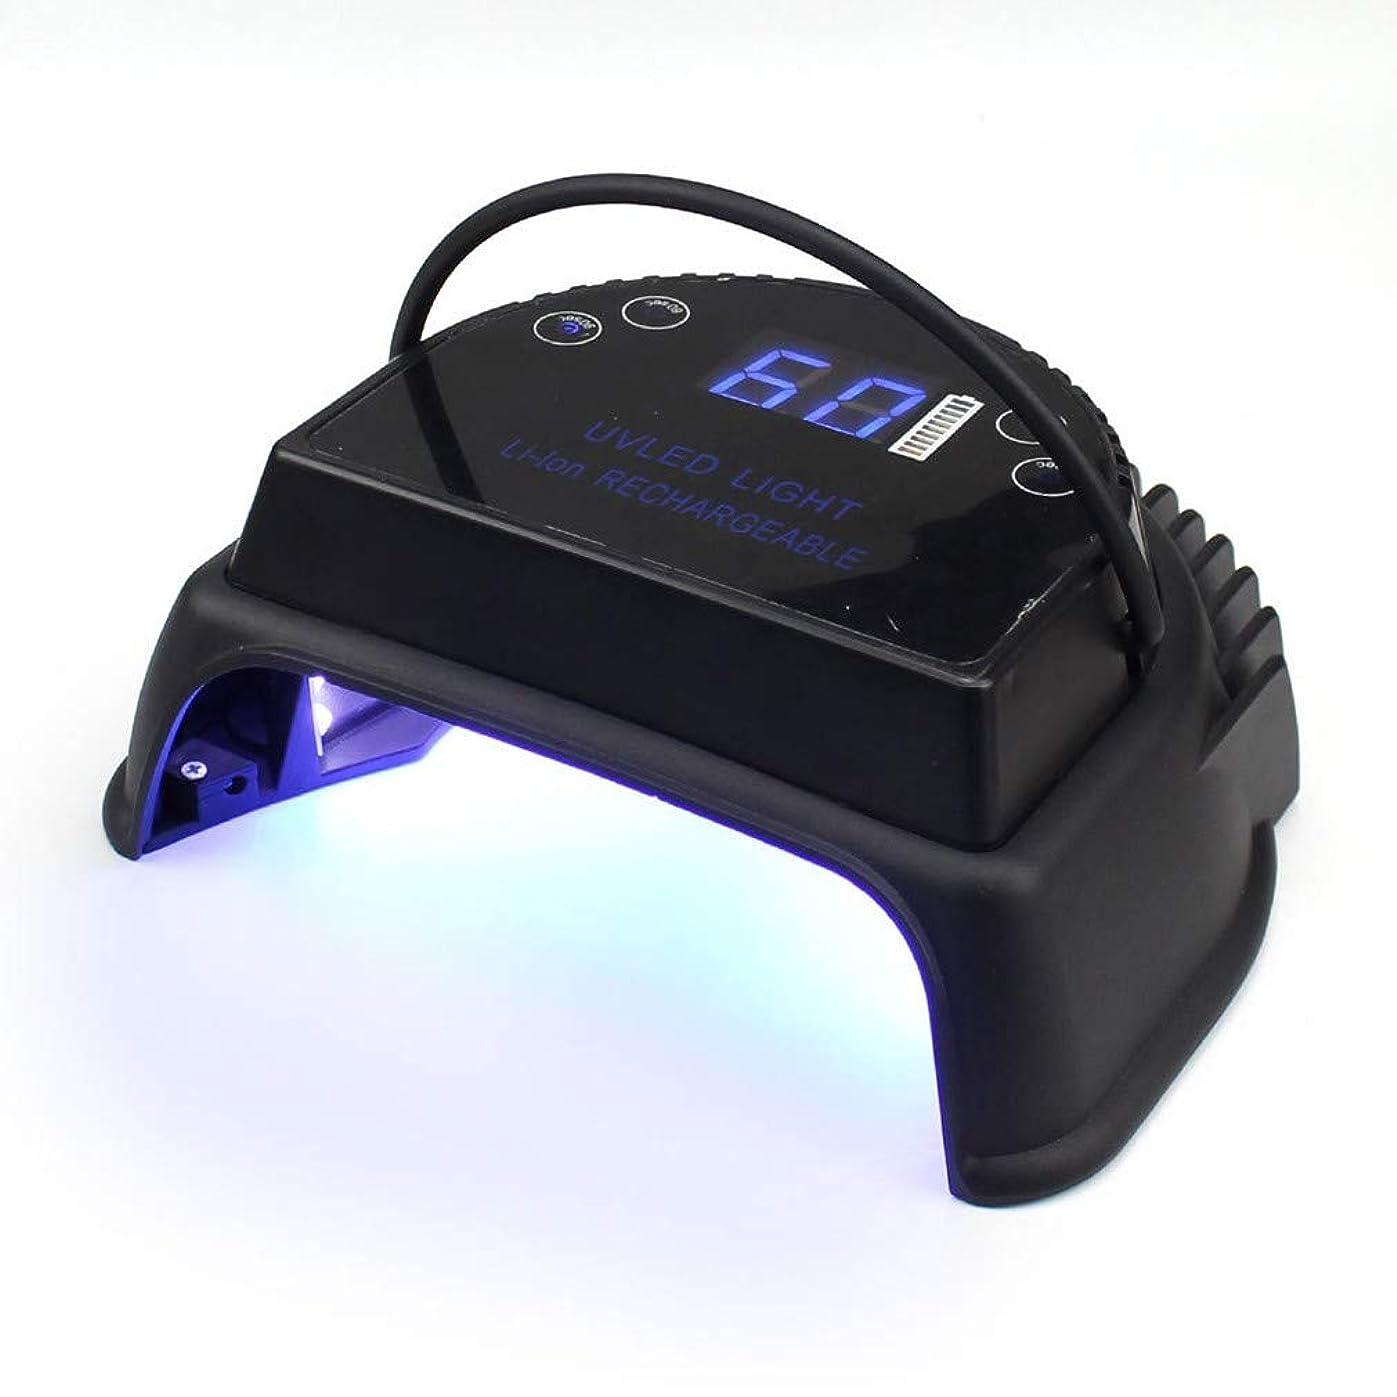 債務者航海の元に戻すUV/LEDネイルライト、ハイパワーストレージスマートネイルドライヤー、内蔵リチウム電池、ジェルネイルポリッシュ用、速乾性、マルチステップタイミング